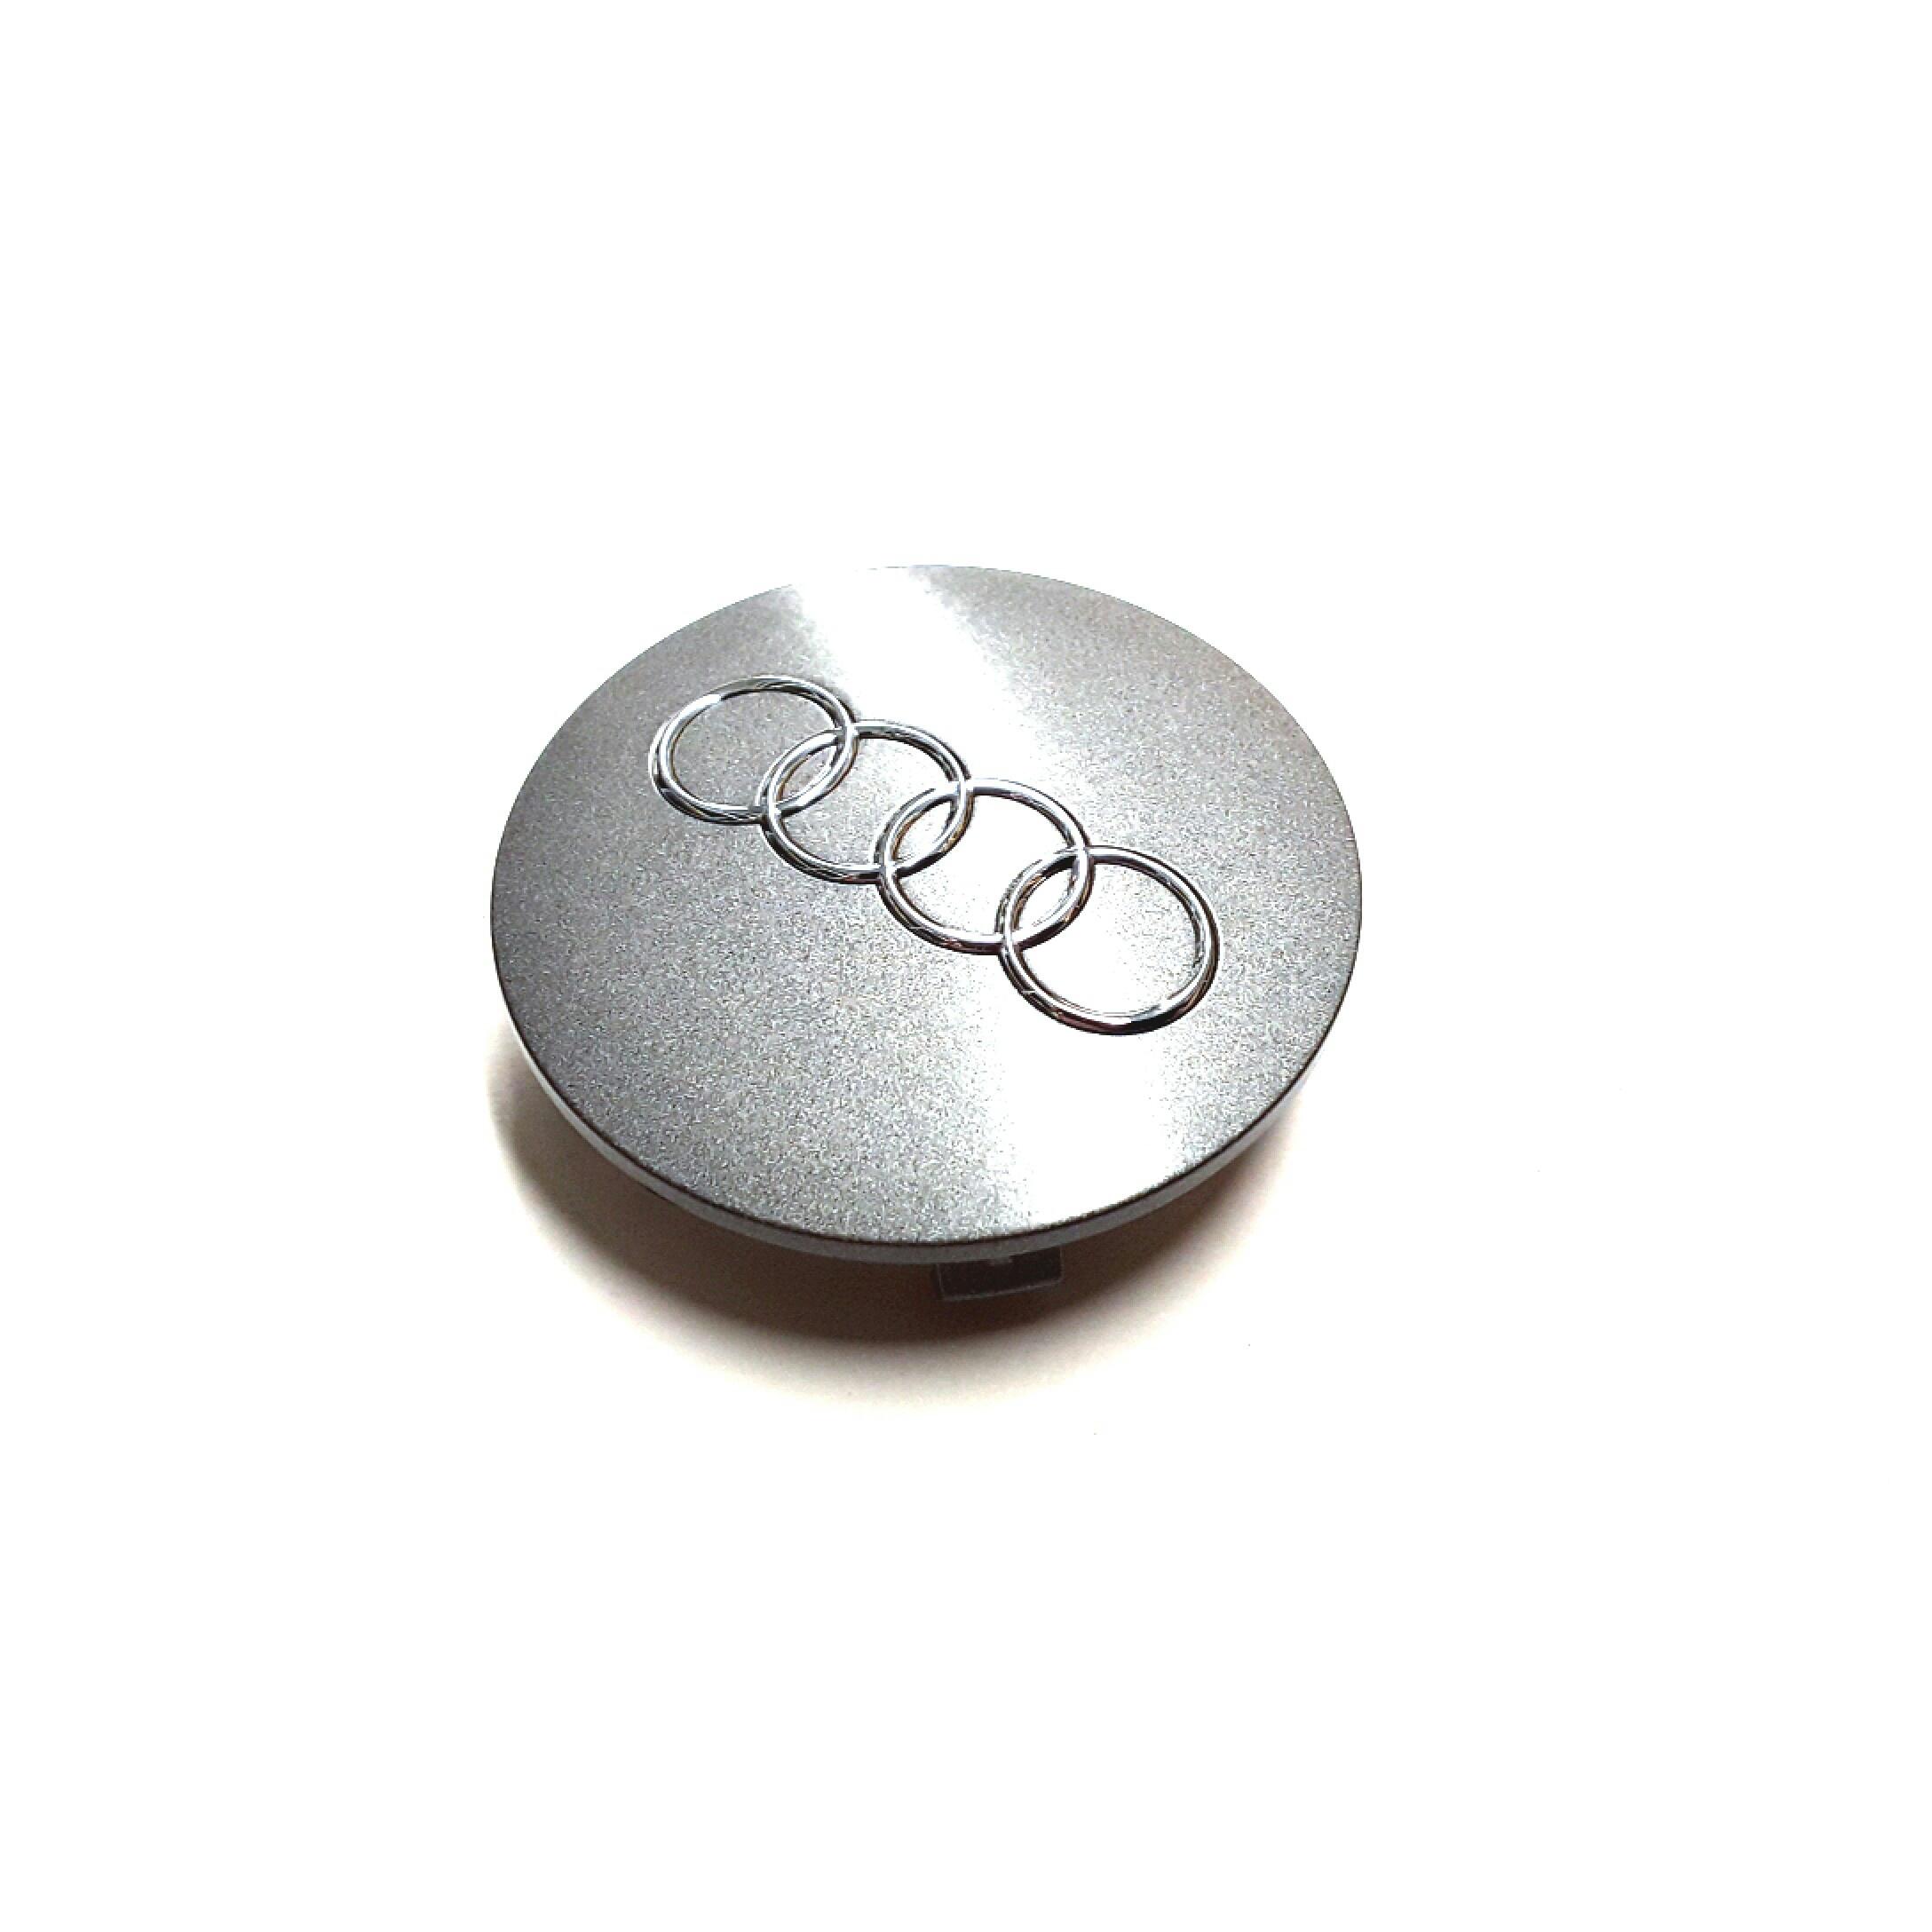 8t0601170 Audi Wheel Cap For Wheel Disc Wheel Trim Cap